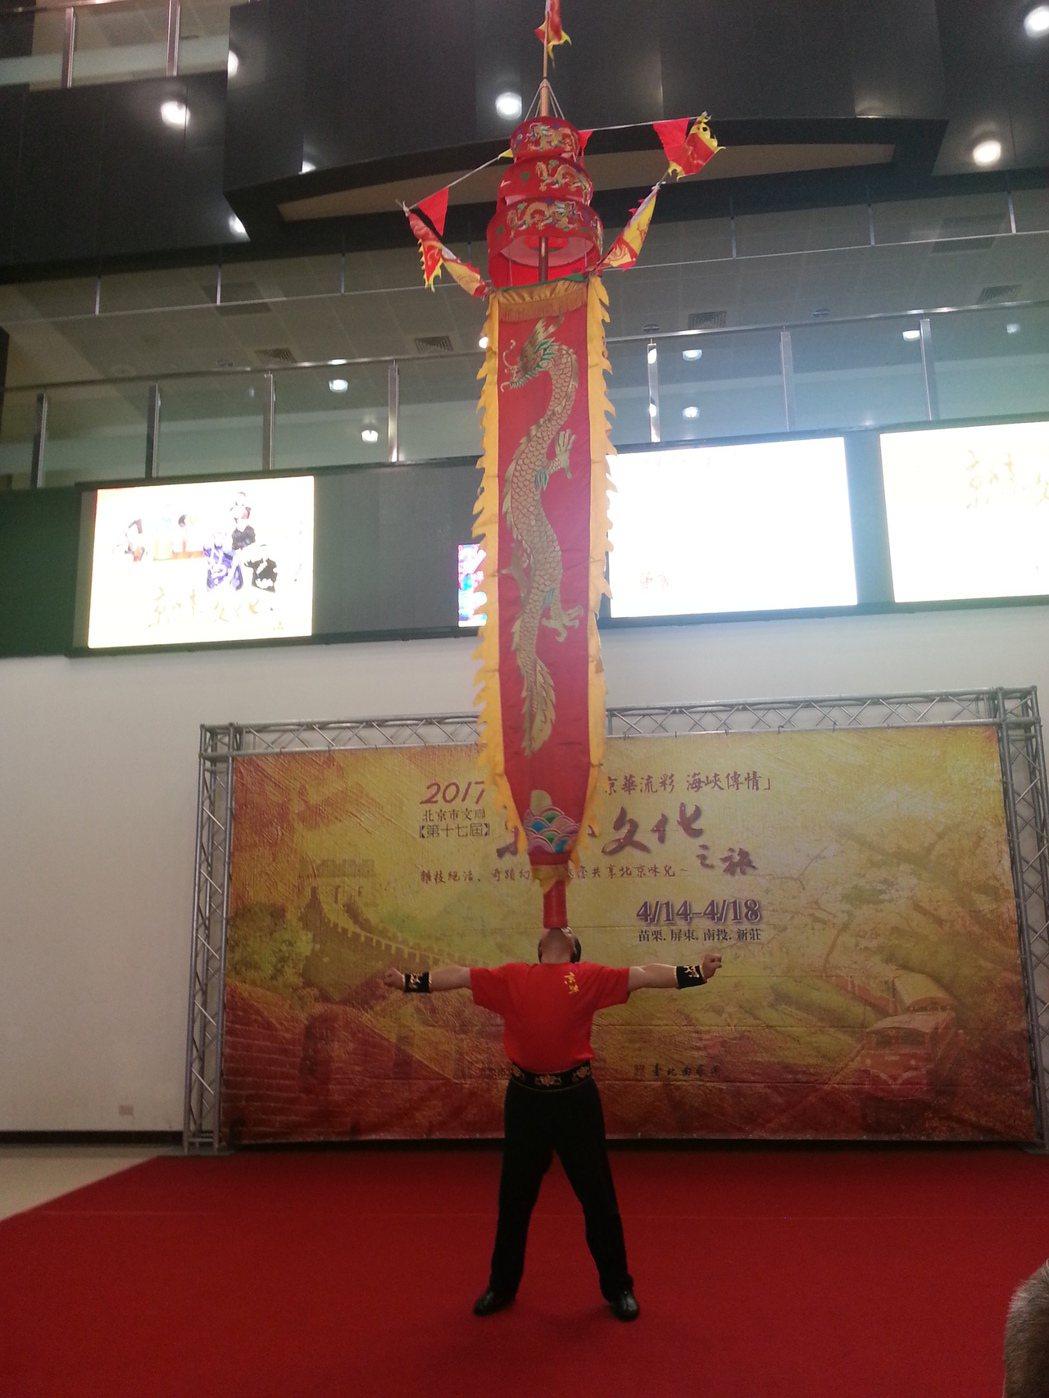 大陸北京市「京味文化之旅」14日起在苗栗等4縣市巡演,安排舞中幡等傳統雜技表演。...